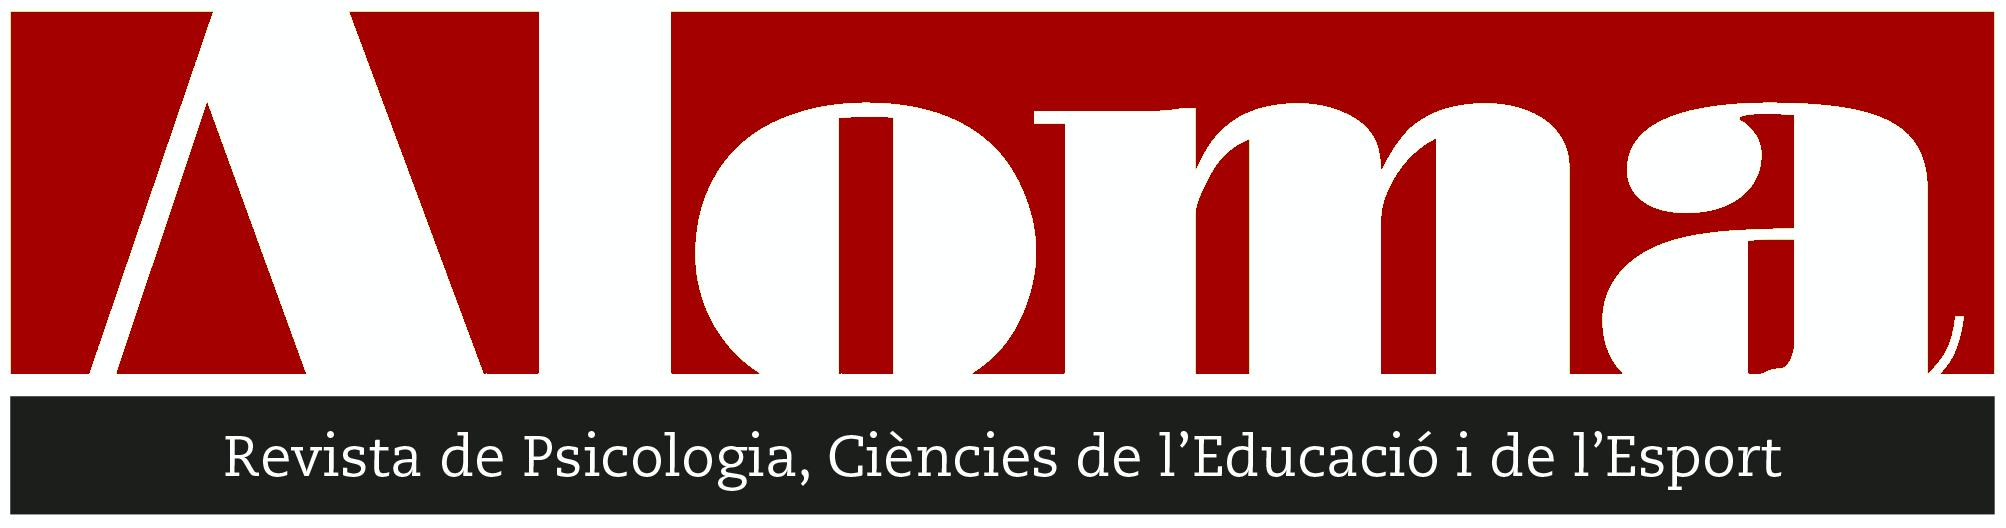 Aloma: Revista de Psicologia, Ciències de l'Educació i de l'Esport